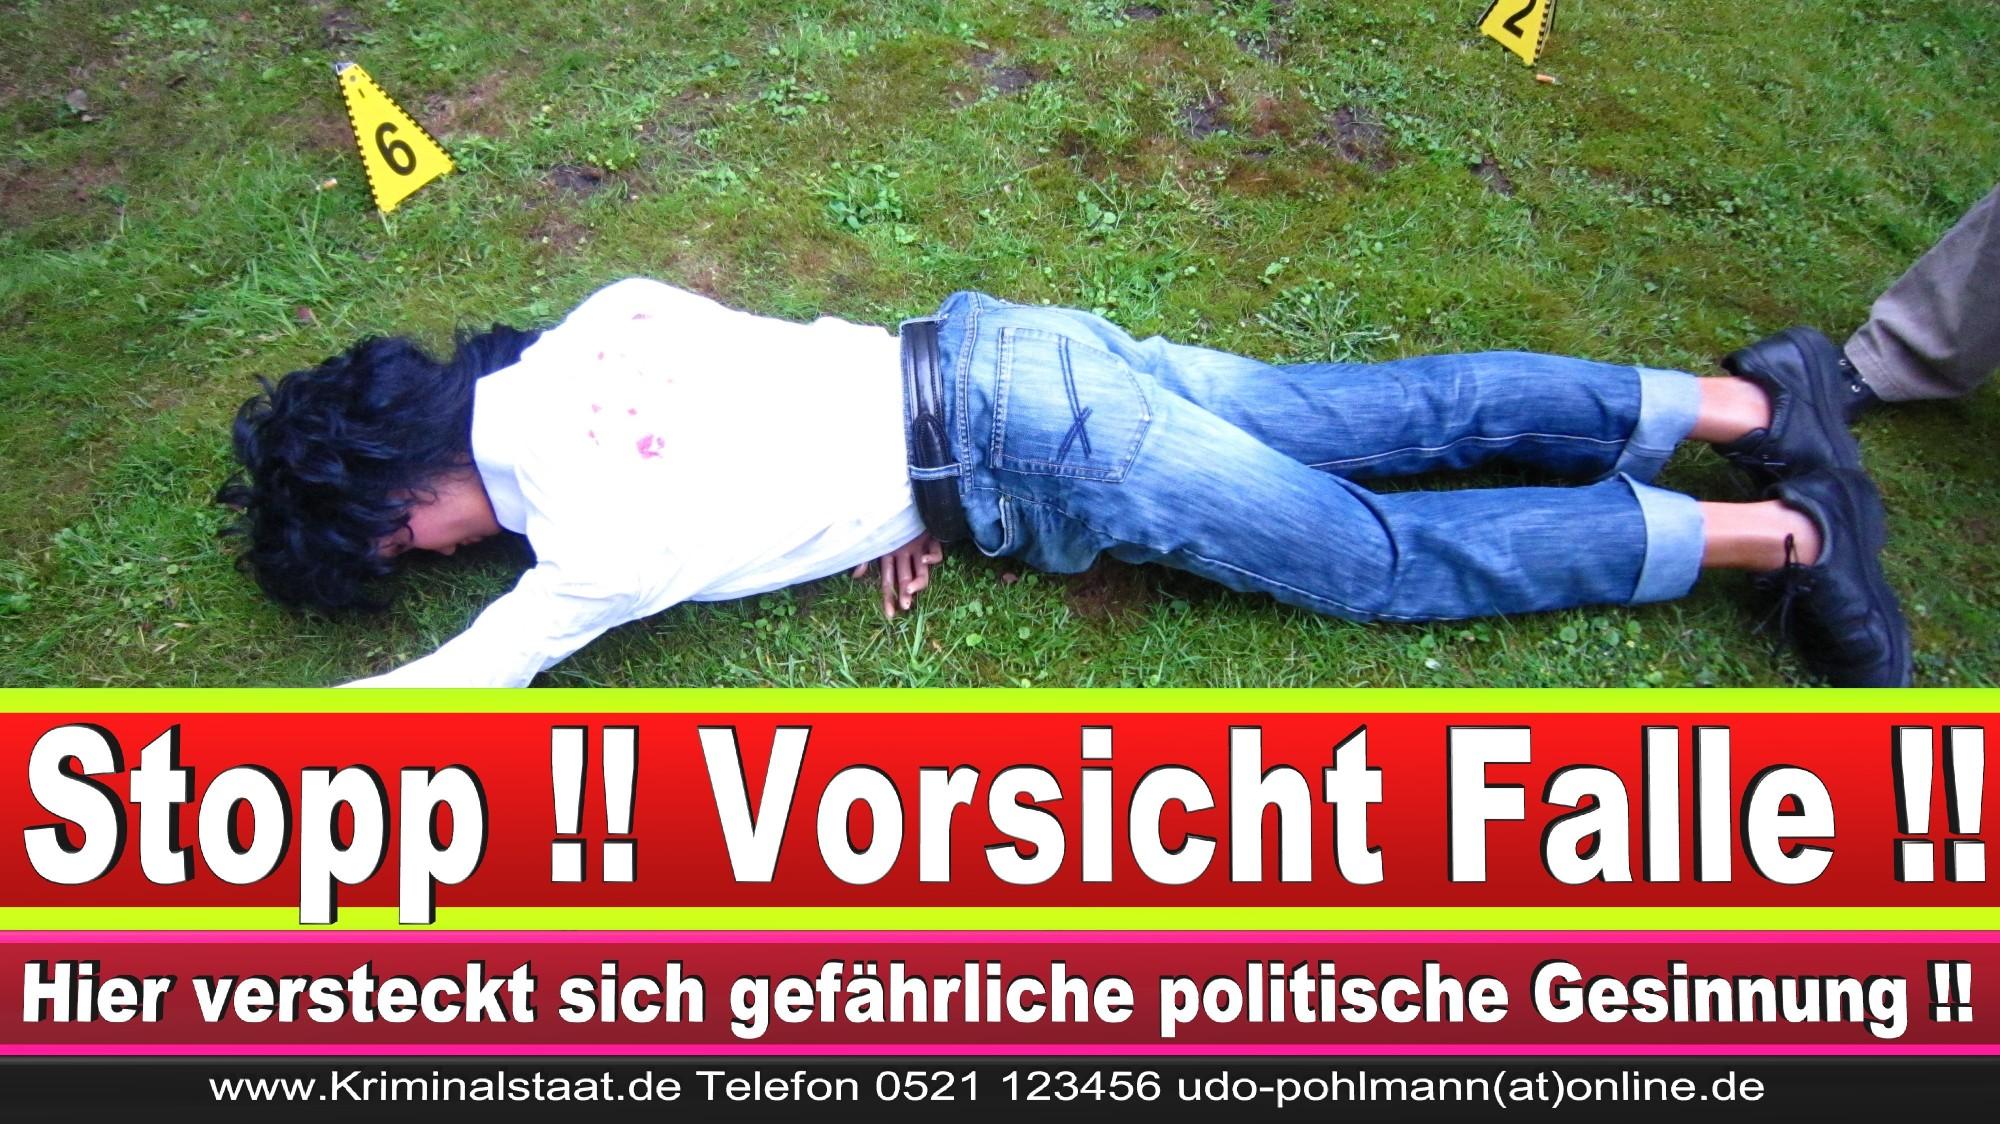 Polizeipräsidentin Katharina Giere Polizei Bielefeld NRW Erwin Südfeld Horst Kruse Polizeiuniform Polizeigewalt DEMONSTRATION Bahnhof (2) 1